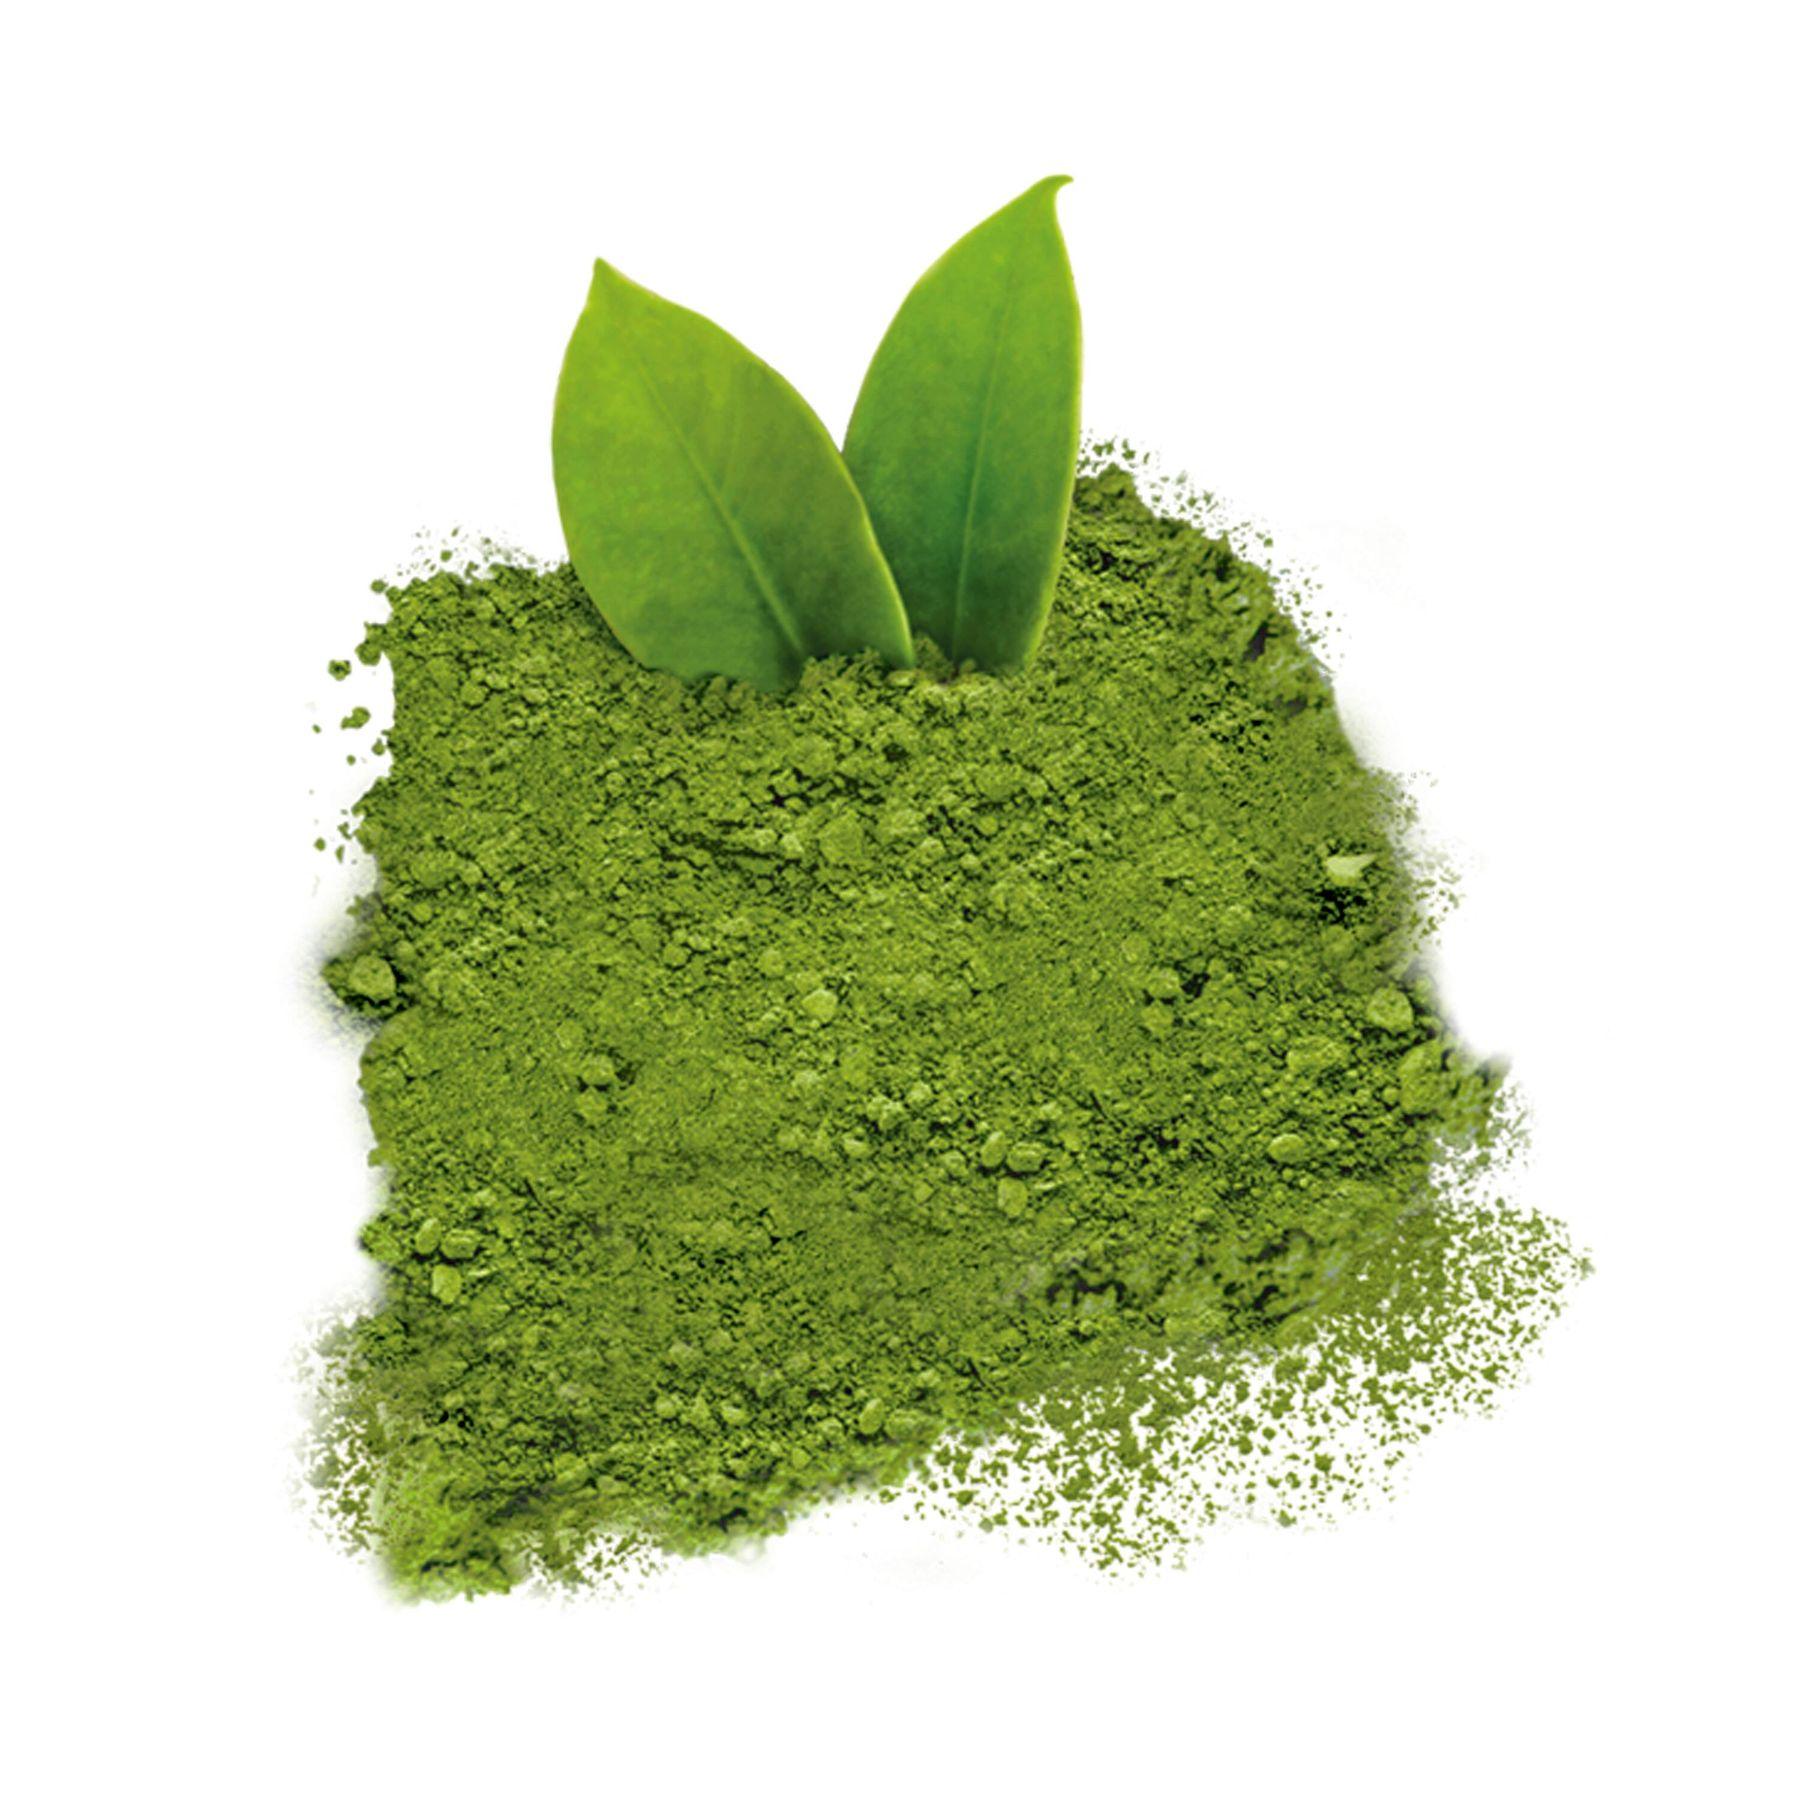 Đặt bột trà xanh khử mùi nhà vệ sinh